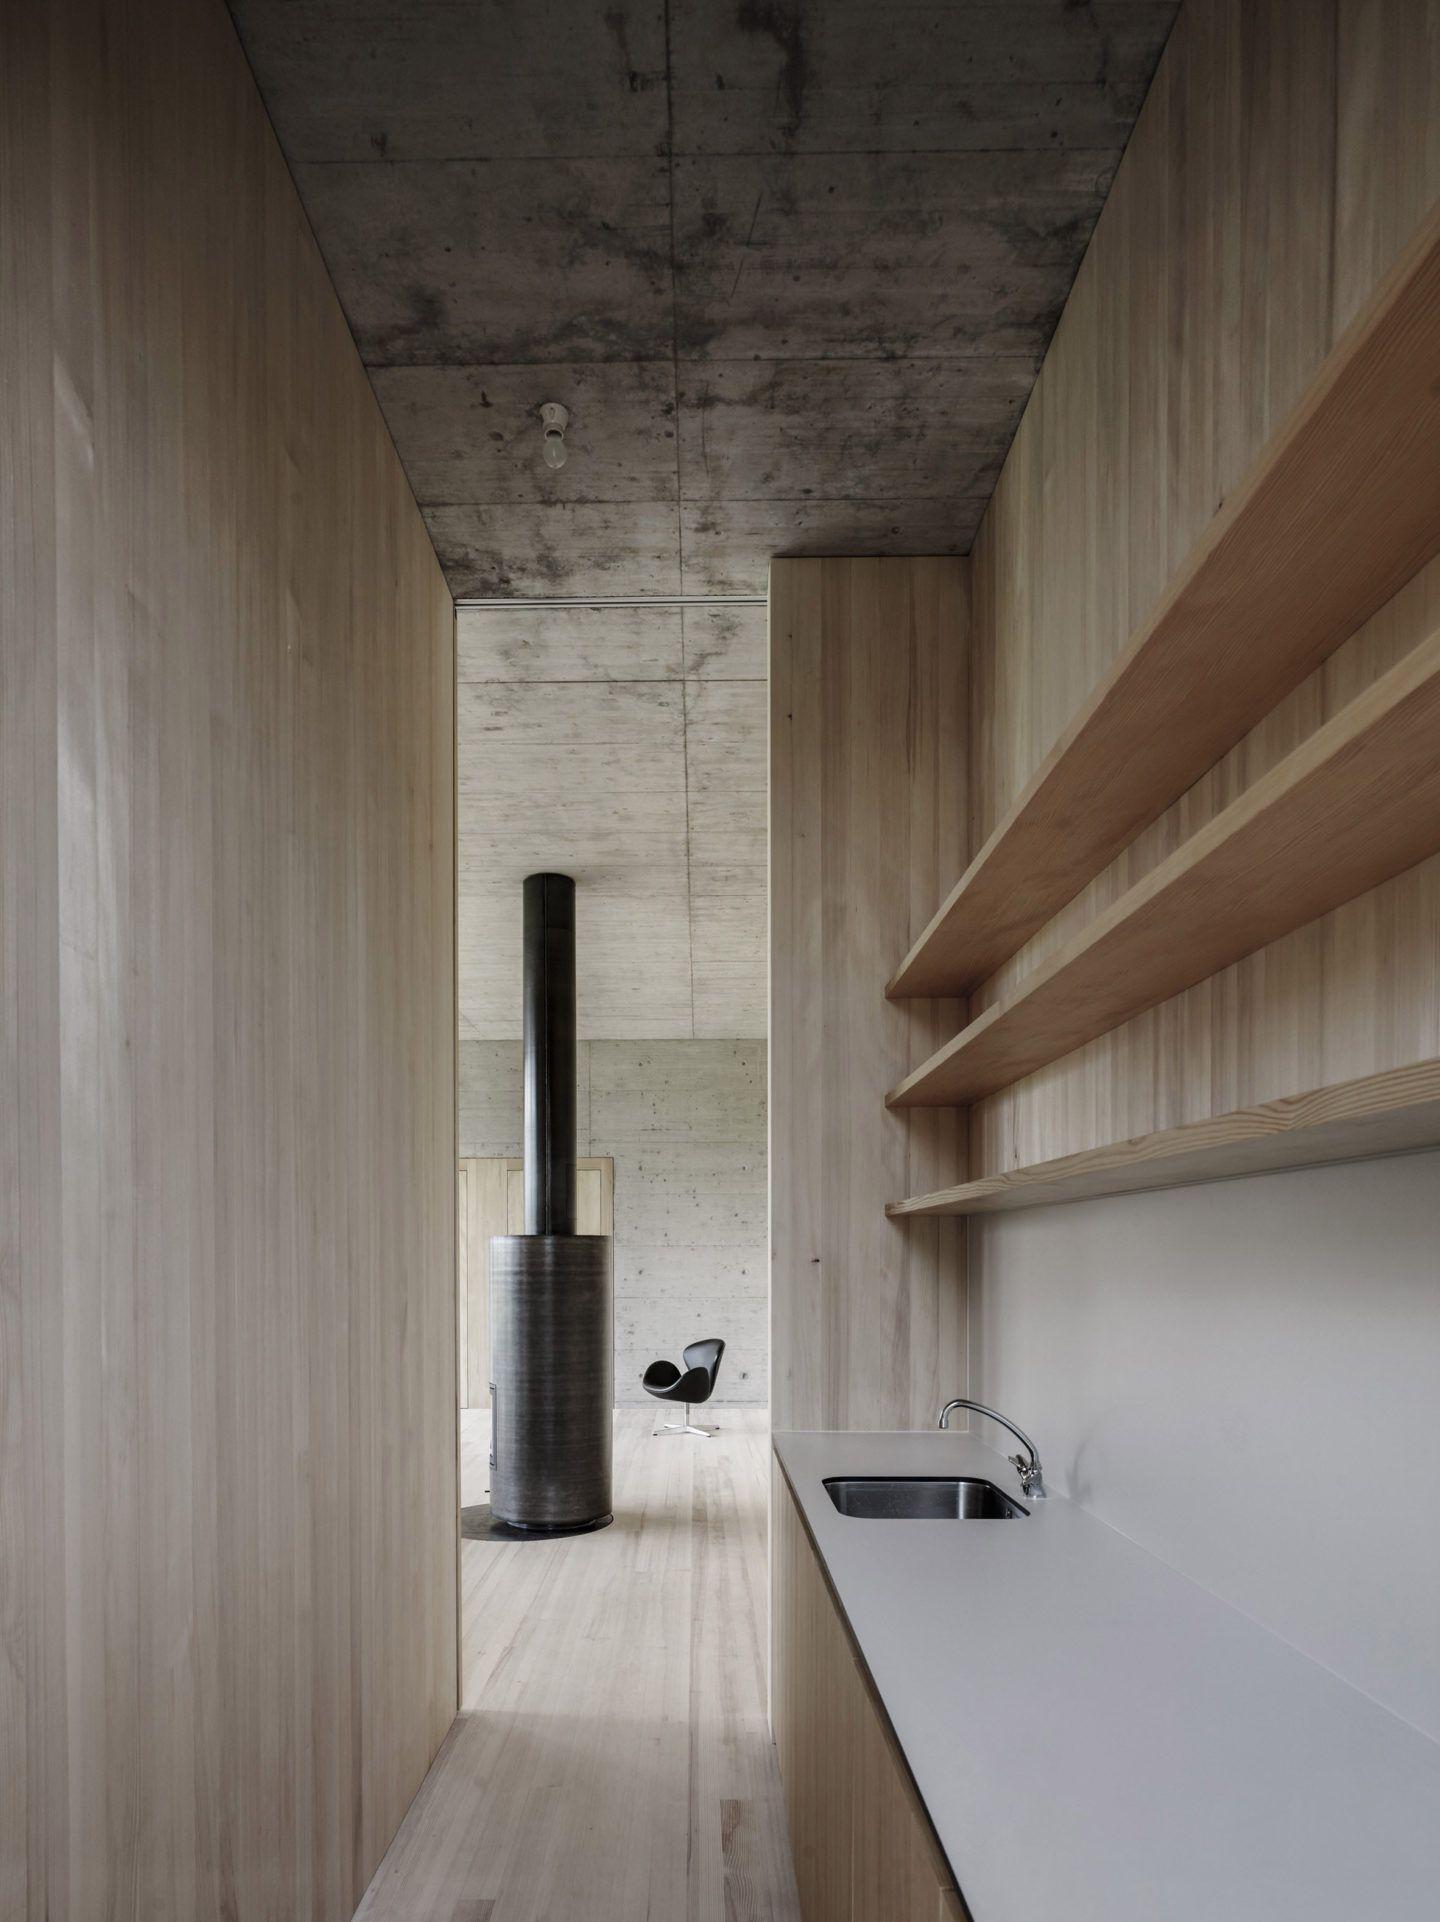 IGNANT-Architecture-Marte.Marte.-Architects-Veterinary-Clinic-10